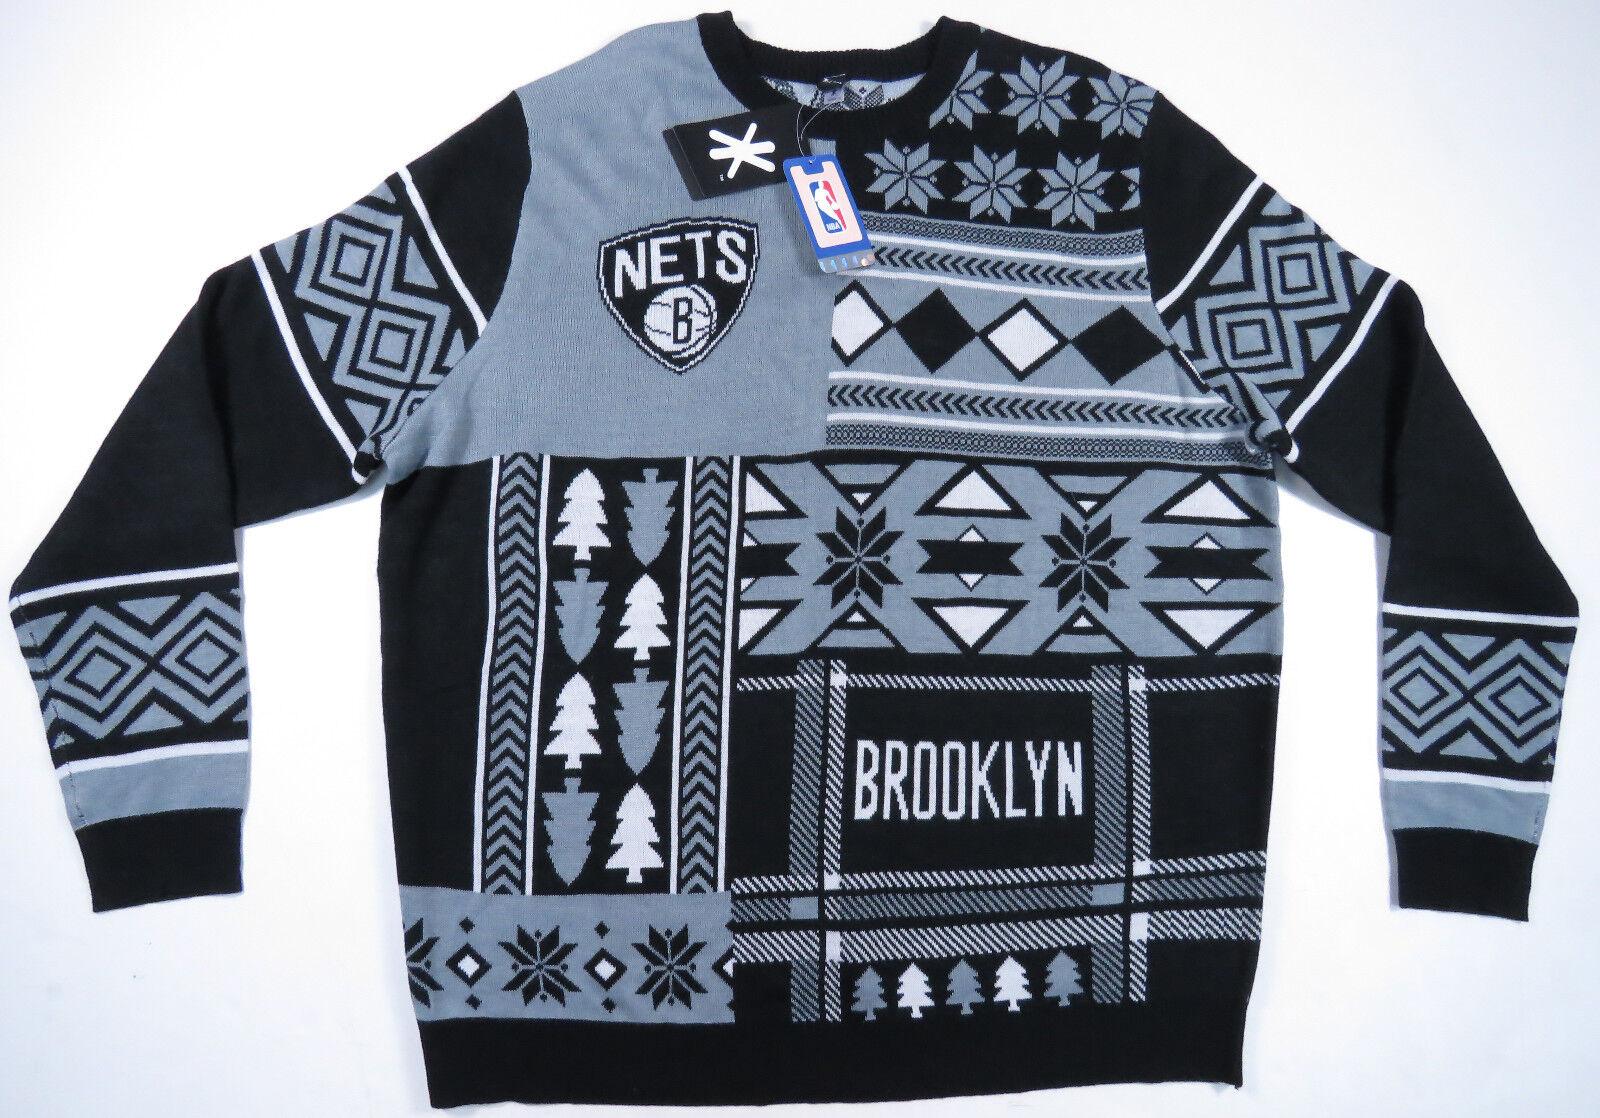 Brookly Nets Grau Schwarz Weiß Aufdruck Rundhals Rundhals Rundhals Pullover Herren XXL Neu Nwt a7910a